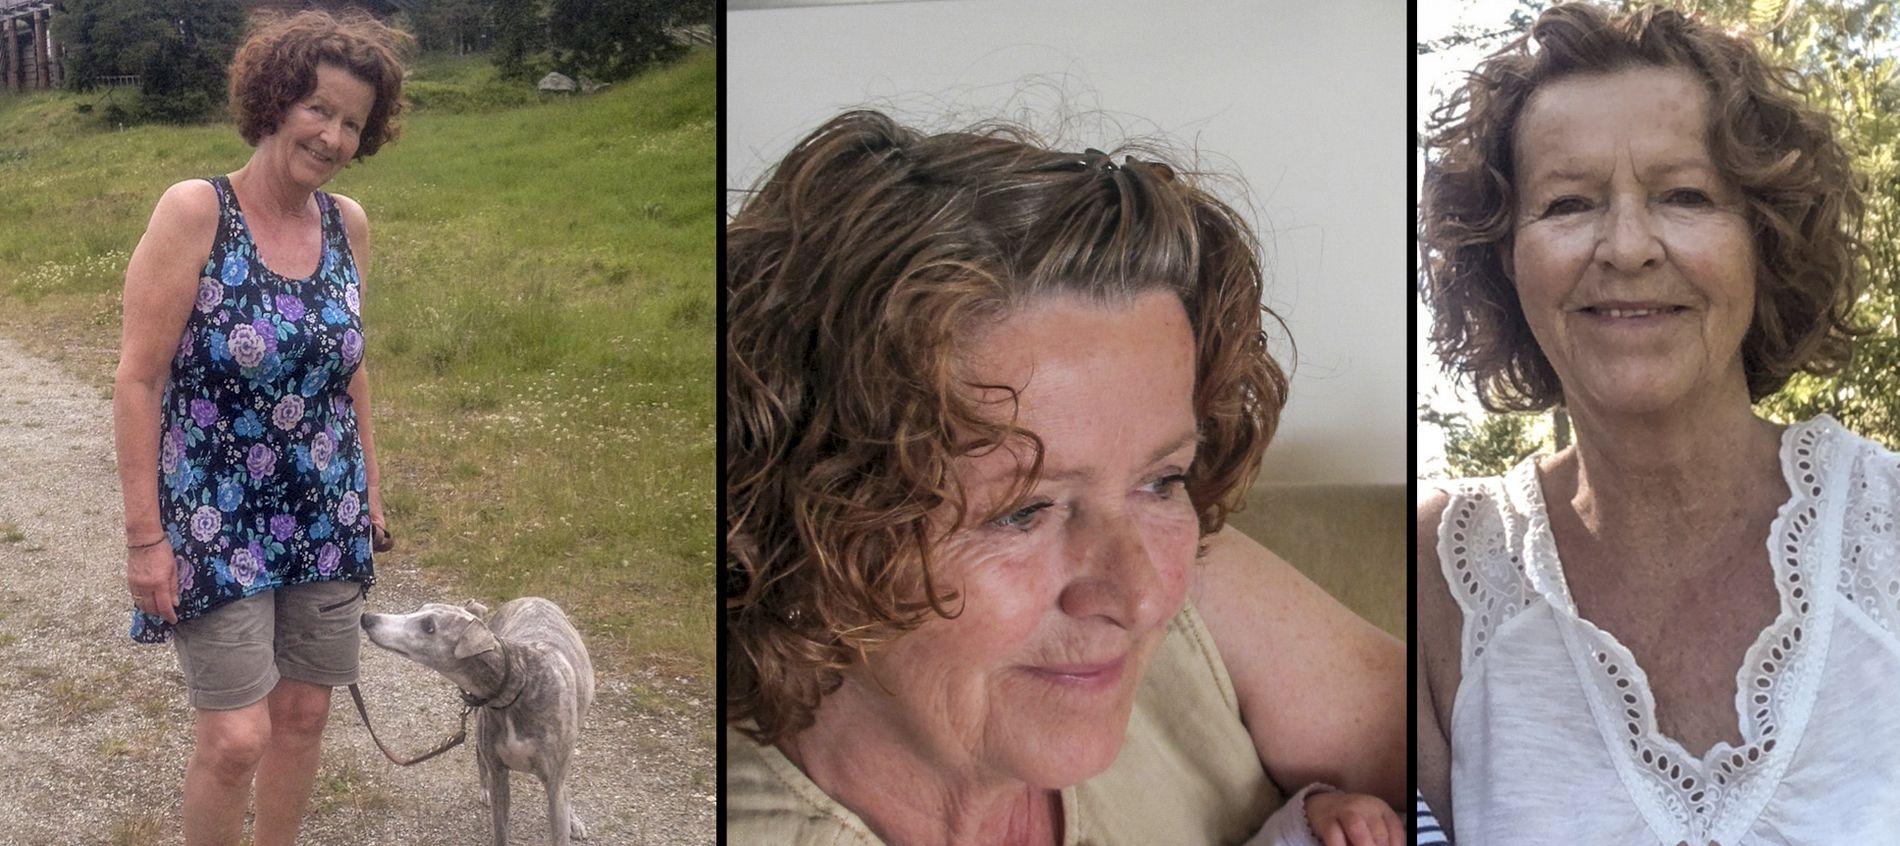 FORSVUNNET: Politiets hovedhypotese er at Anne-Elisabeth Hagen (68) ble bortført av ukjente gjerningsmenn fra sitt hjem den 31. oktober i fjor.